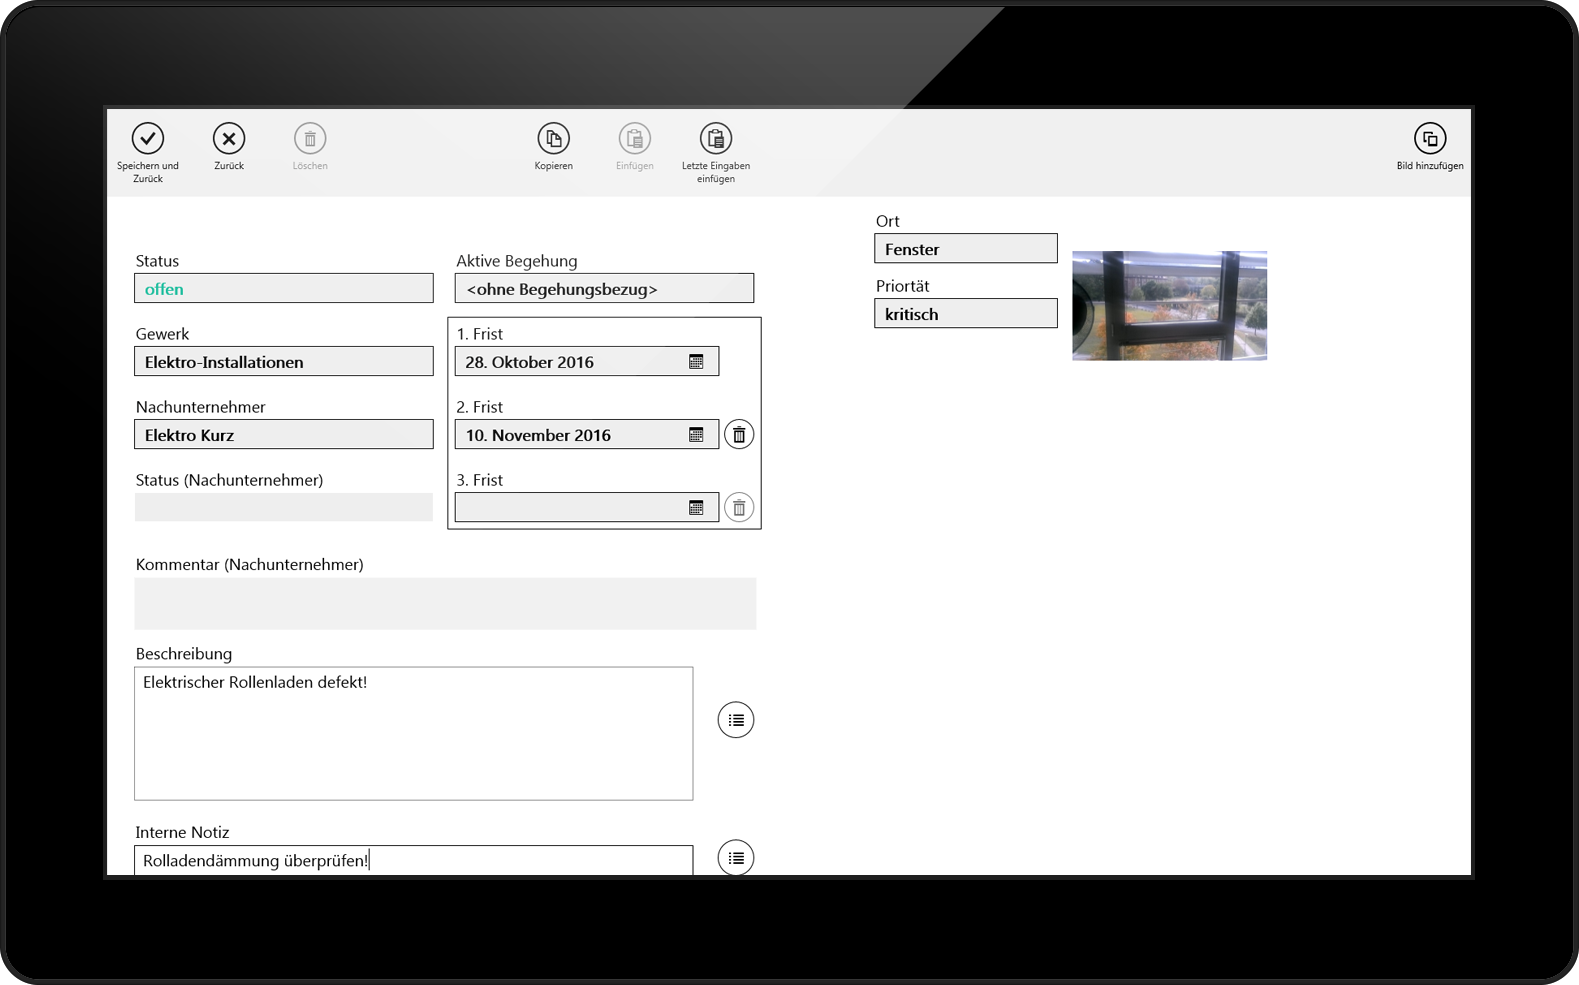 Eyeled GmbH mobiPlan Formular Screen App